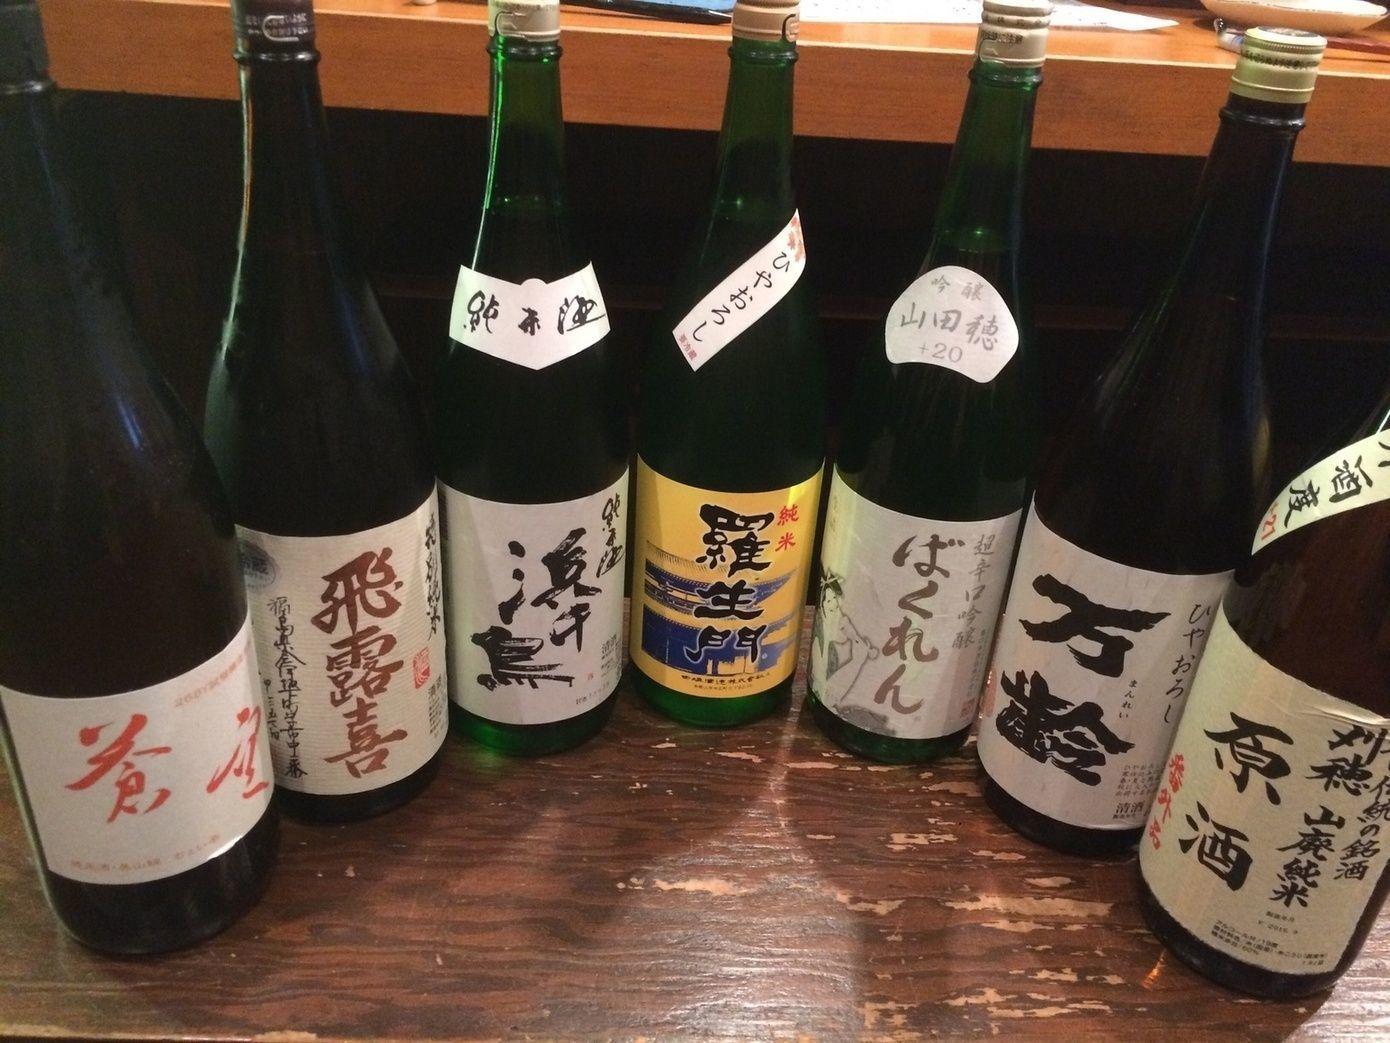 実は奥が深い…!赤羽の居酒屋で日本酒を堪能♡の画像